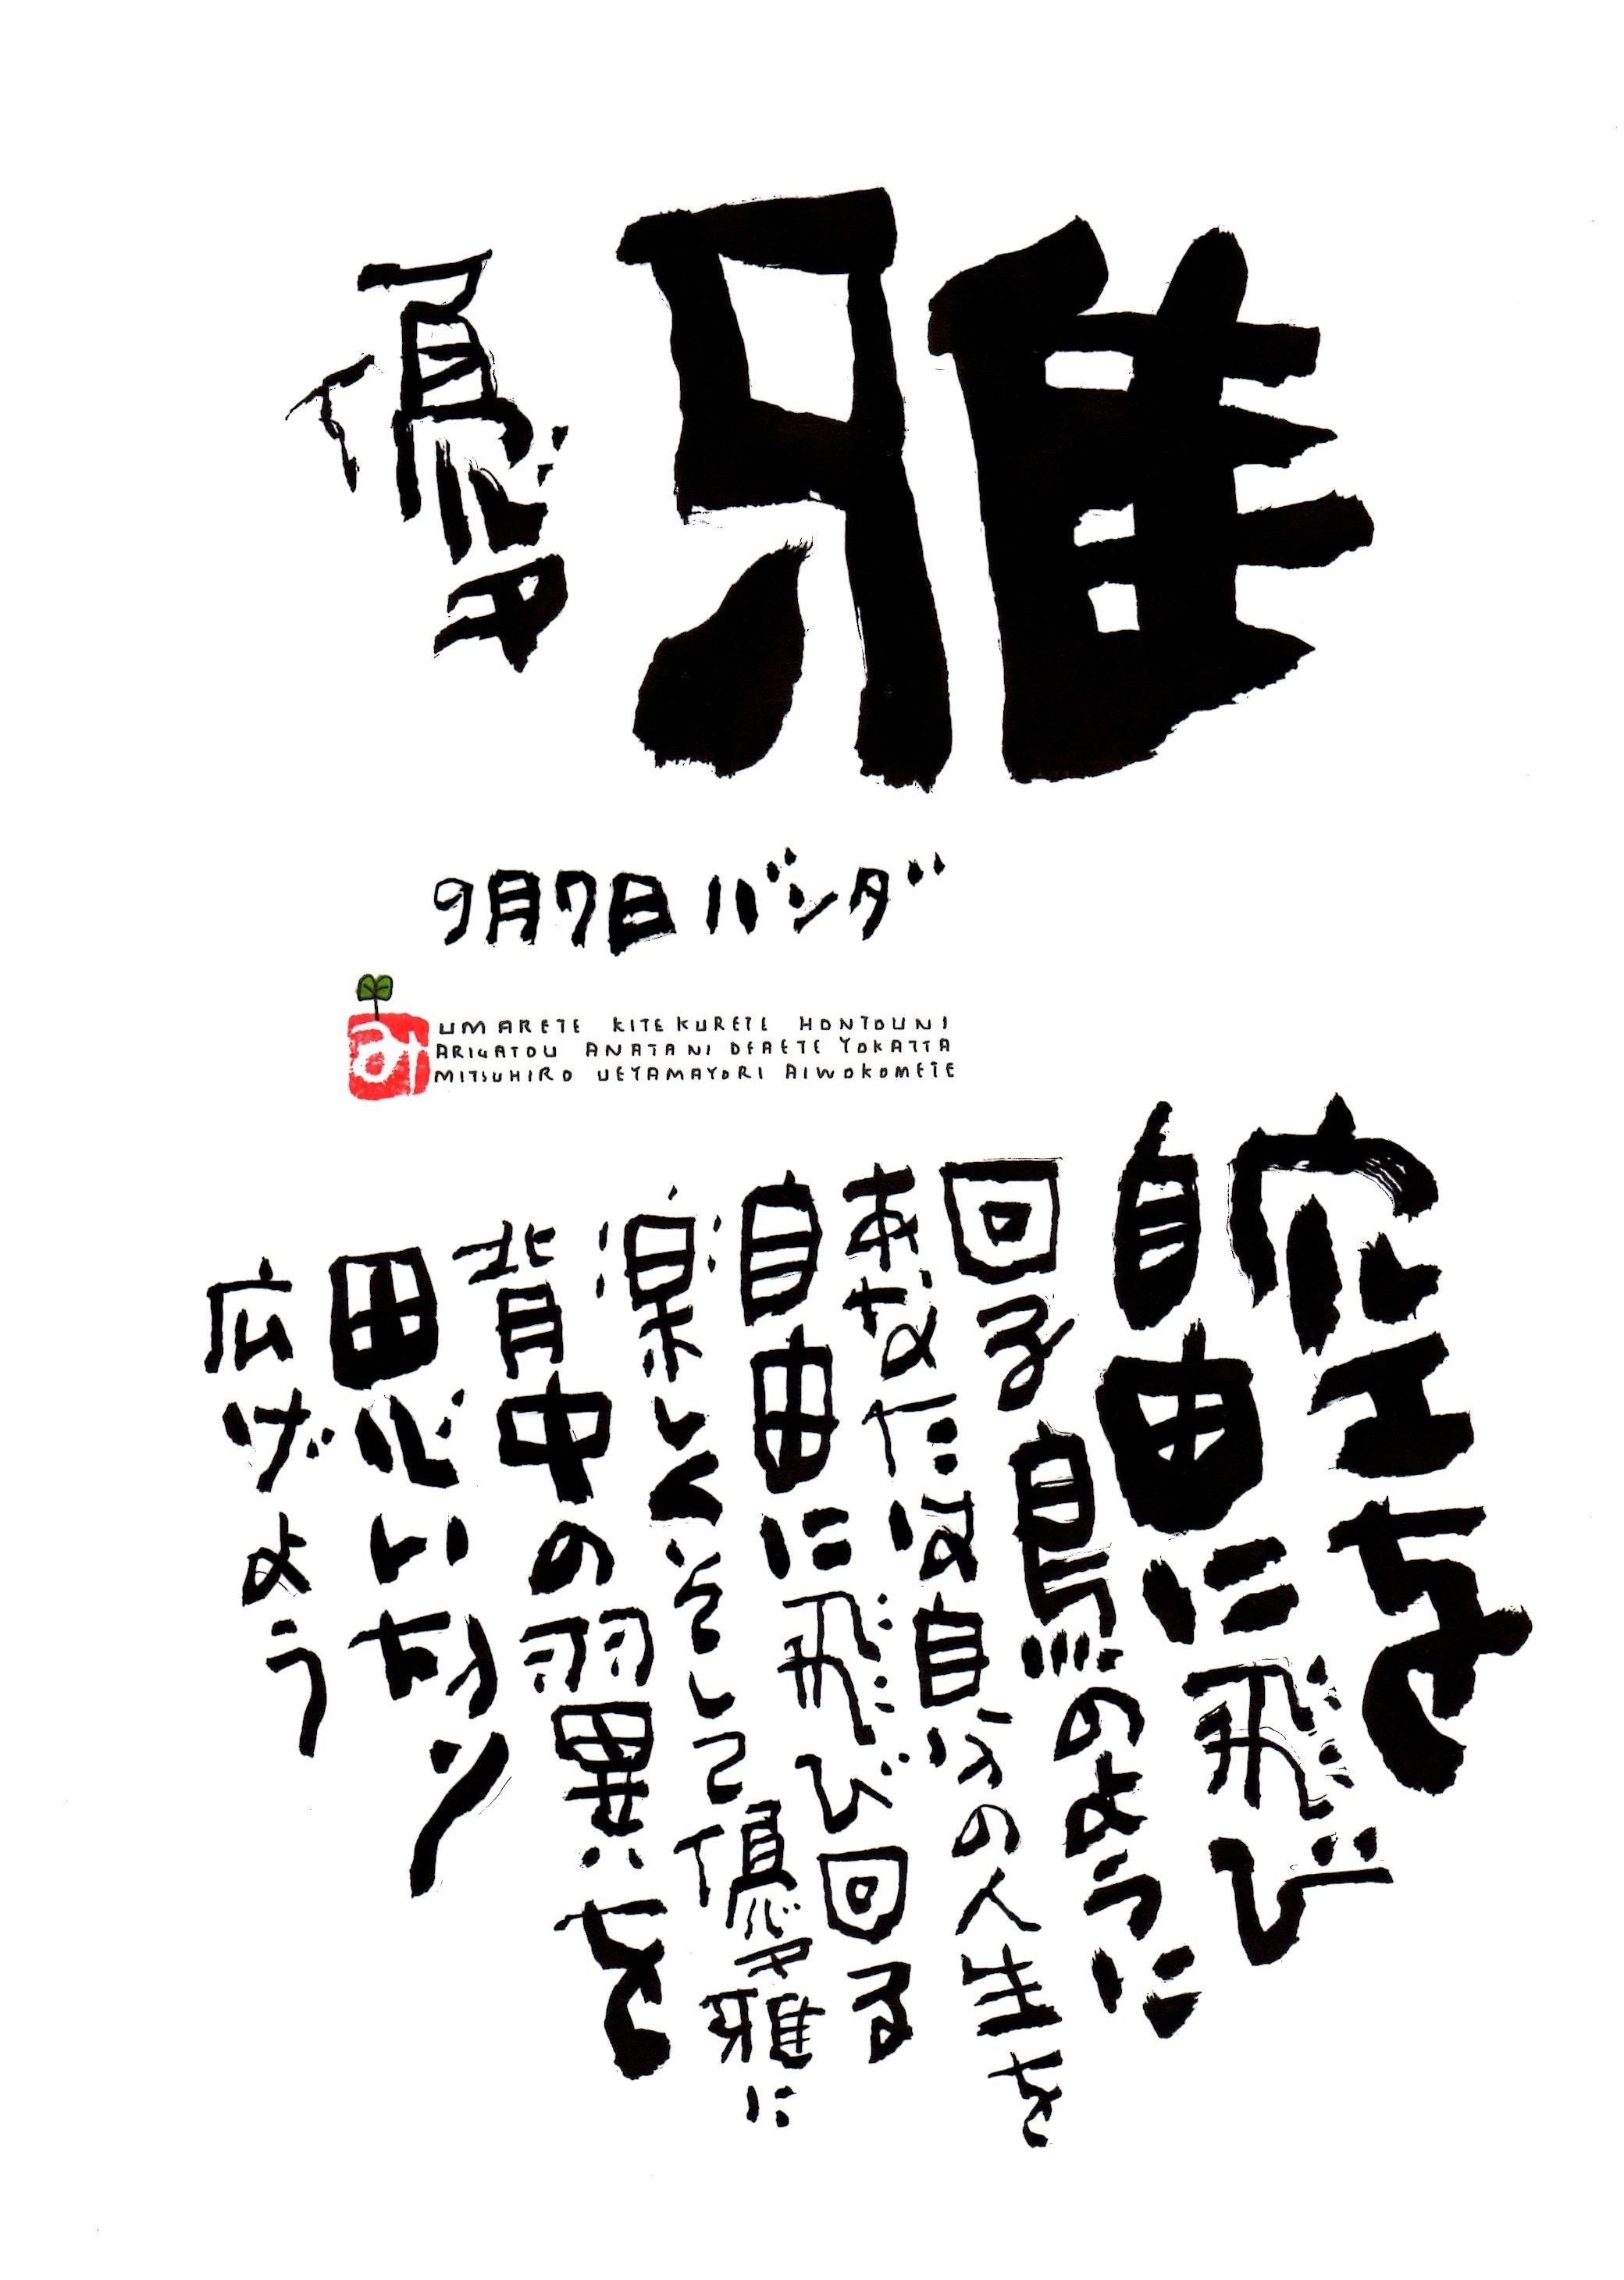 9月7日 誕生日ポストカード【優雅】Elegance